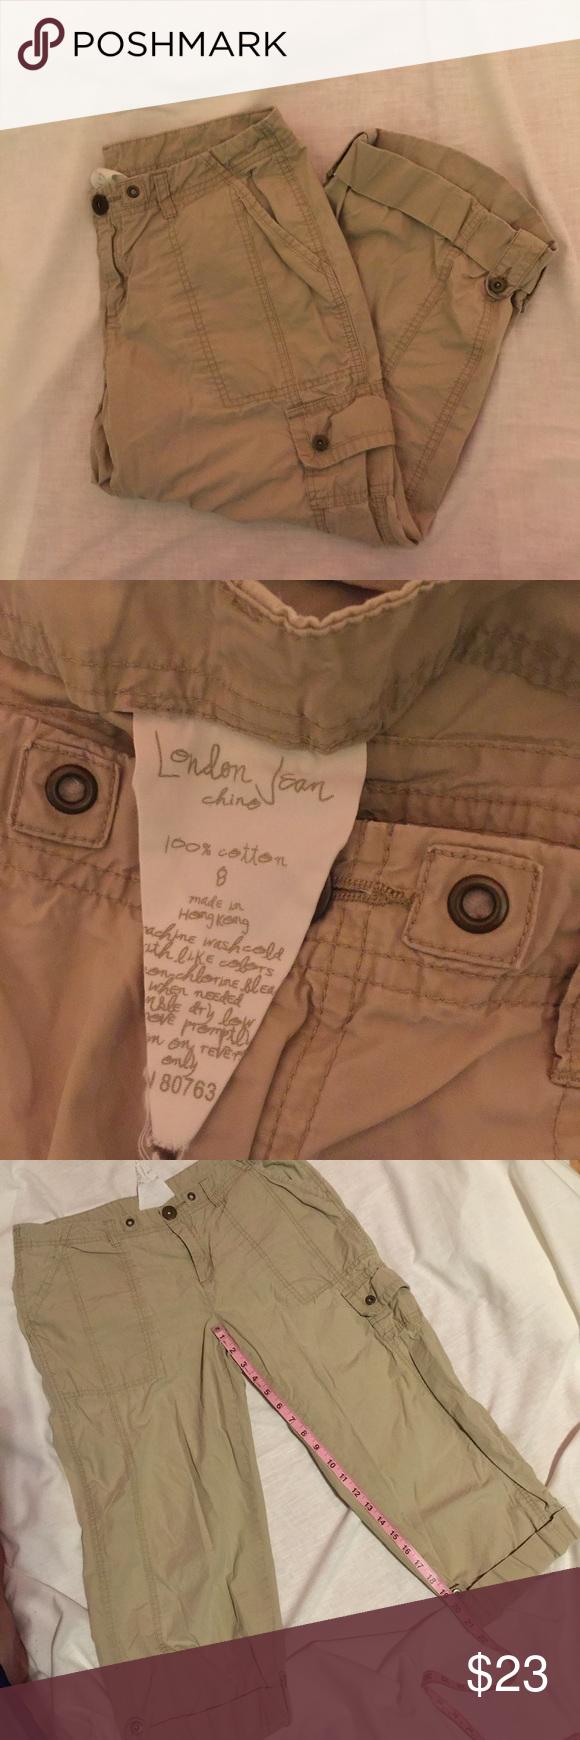 London Jeans Capri khaki cargo capris London Jeans Capri khaki cargo capris London Jeans Pants Capris